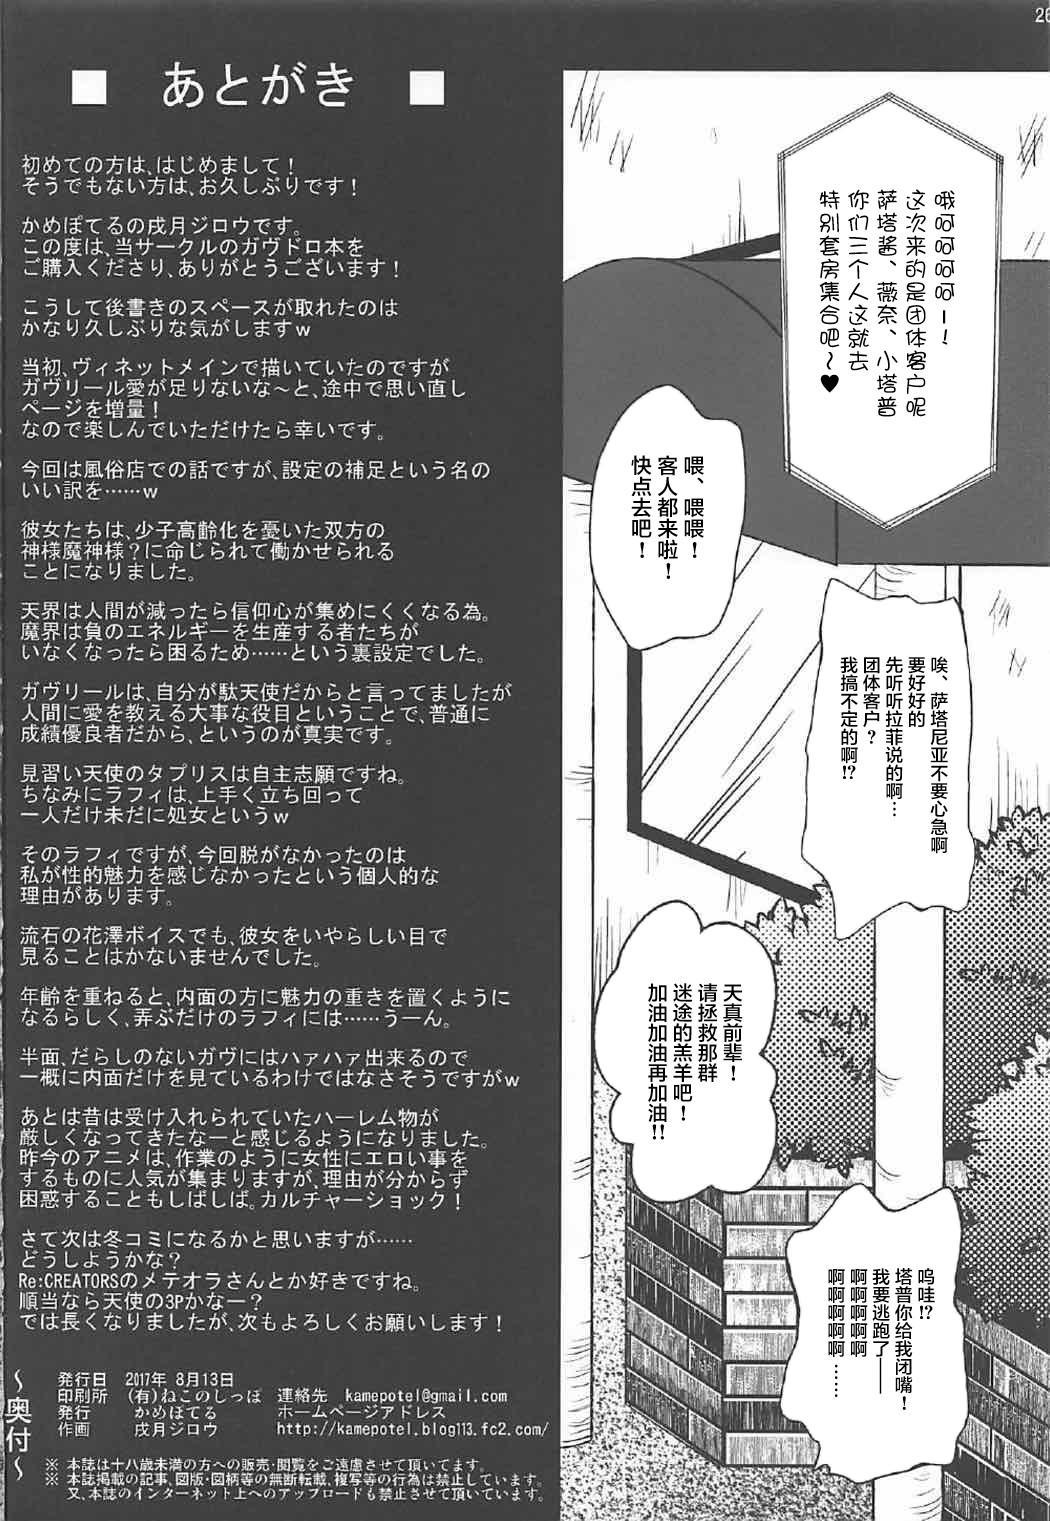 Tenshi to Akuma wa Fuuzokuten de Hataraku Koto ni Narimashita 24